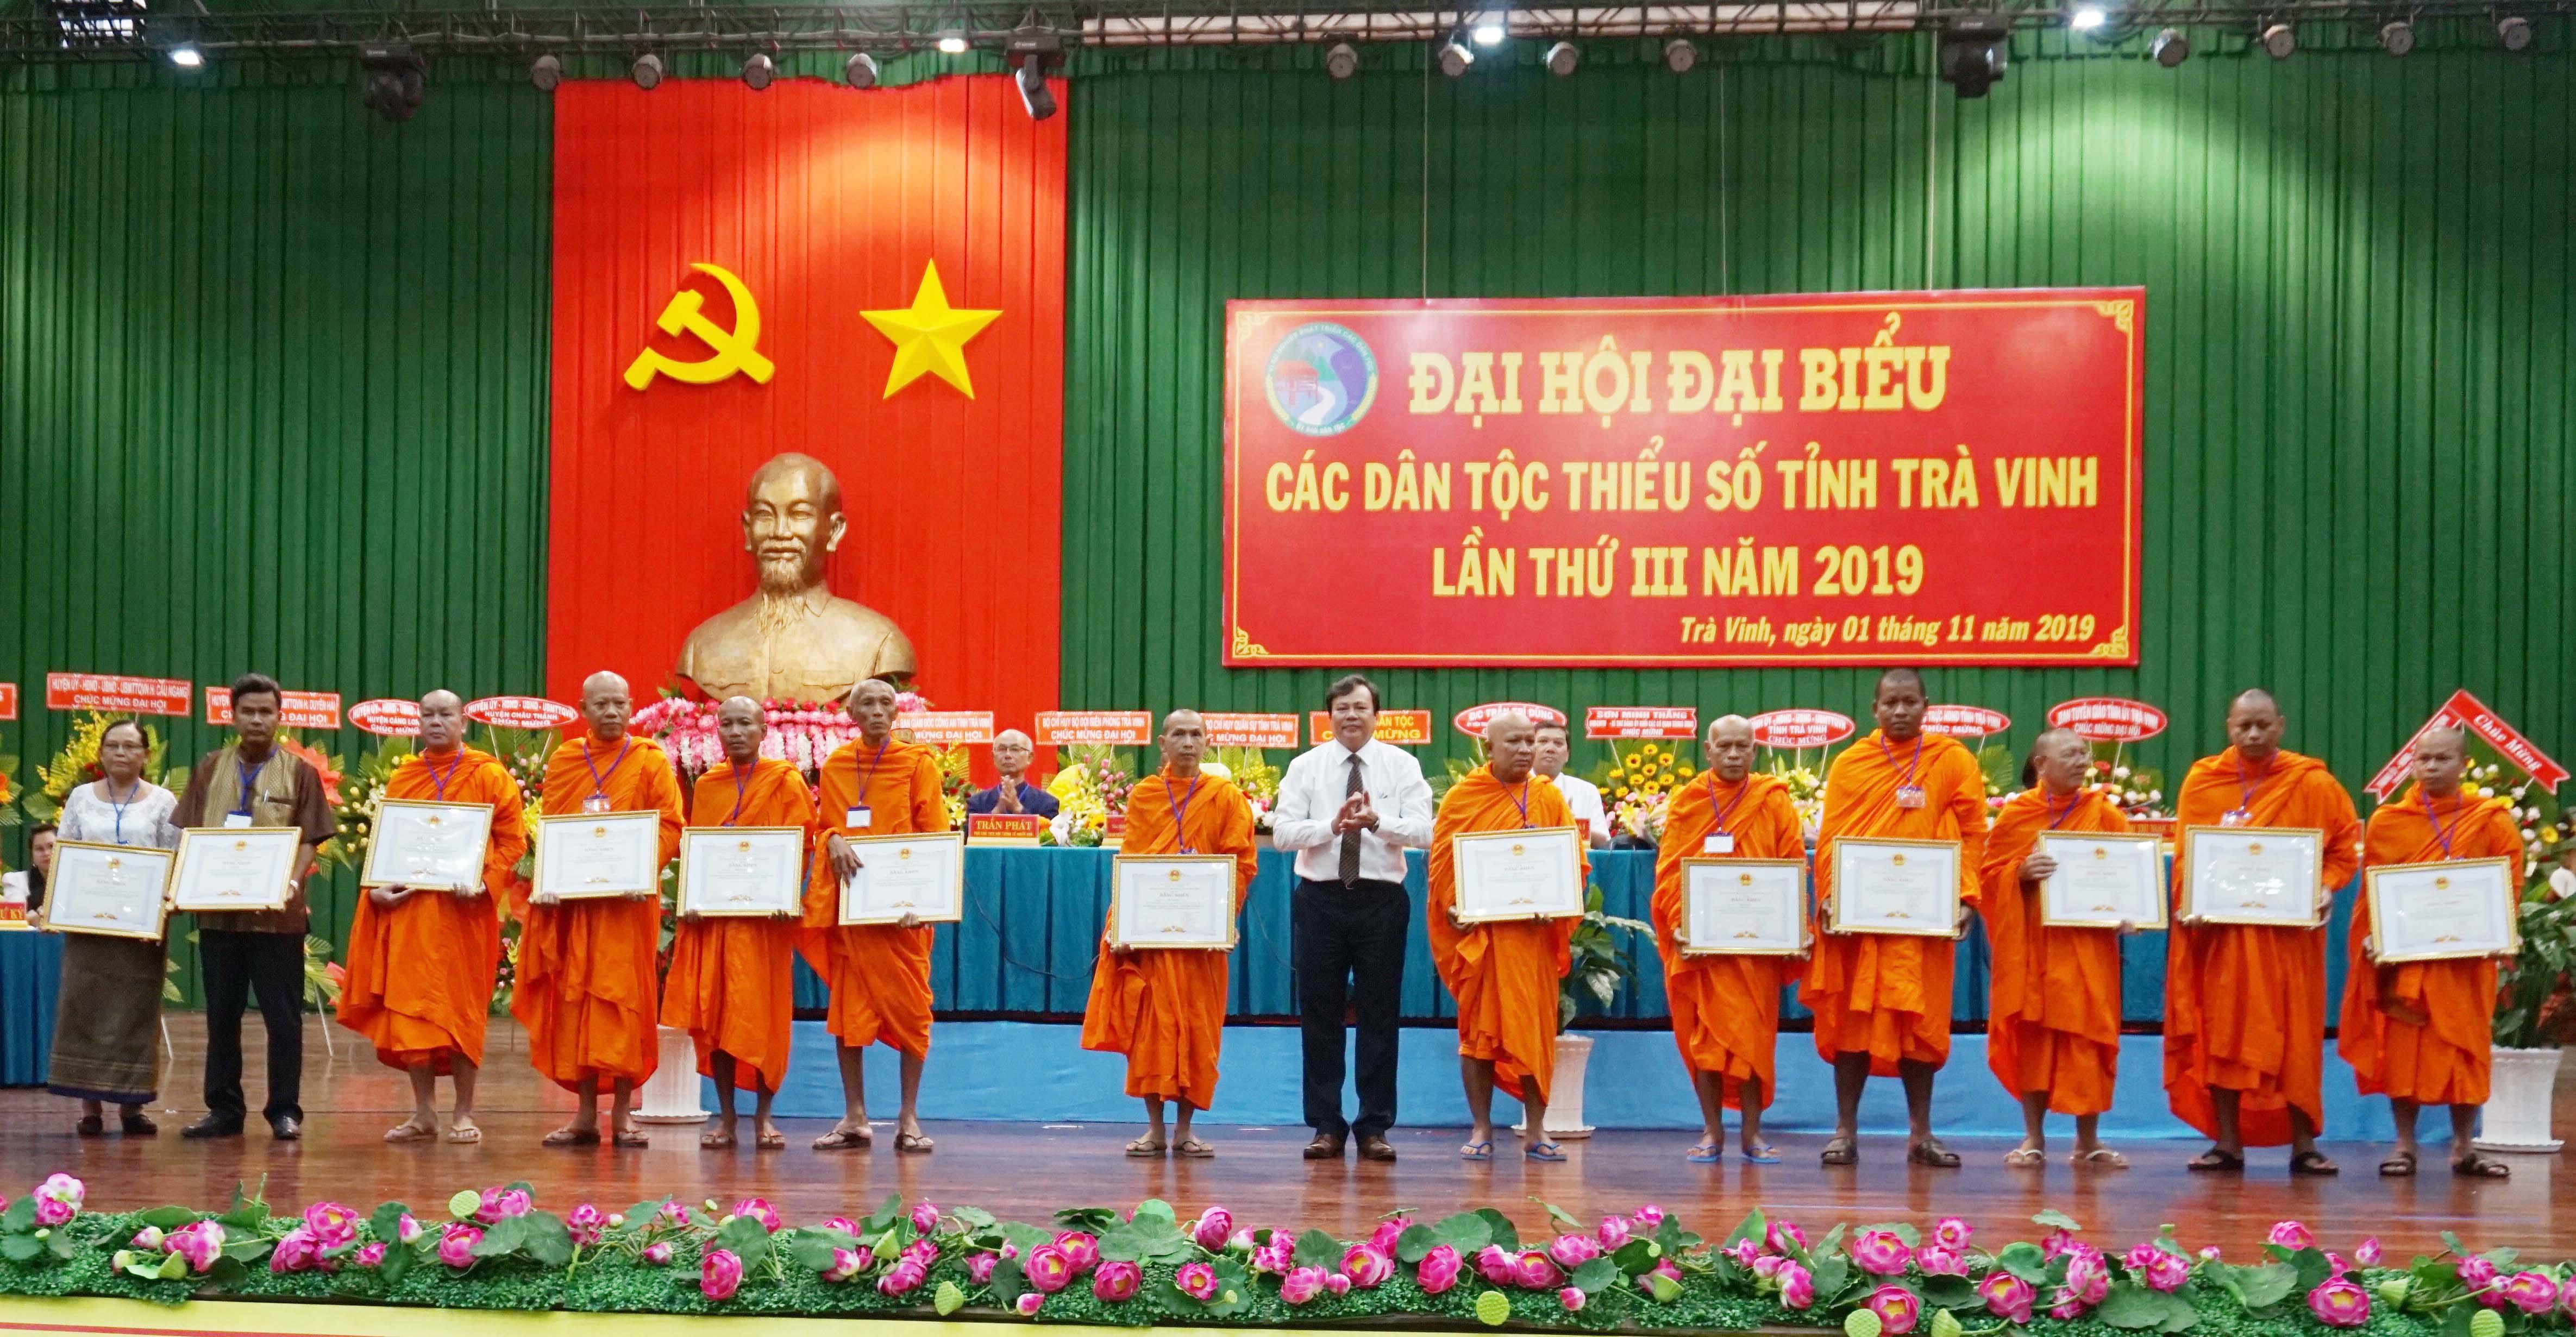 Ông Lê Văn Hẳn, Phó chủ tịch UBND, Trưởng Ban Chỉ đạo Đại hội Đại biểu các DTTS tỉnh trao Bằng khen của Chủ tịch tỉnh cho các tập thể, cá nhân